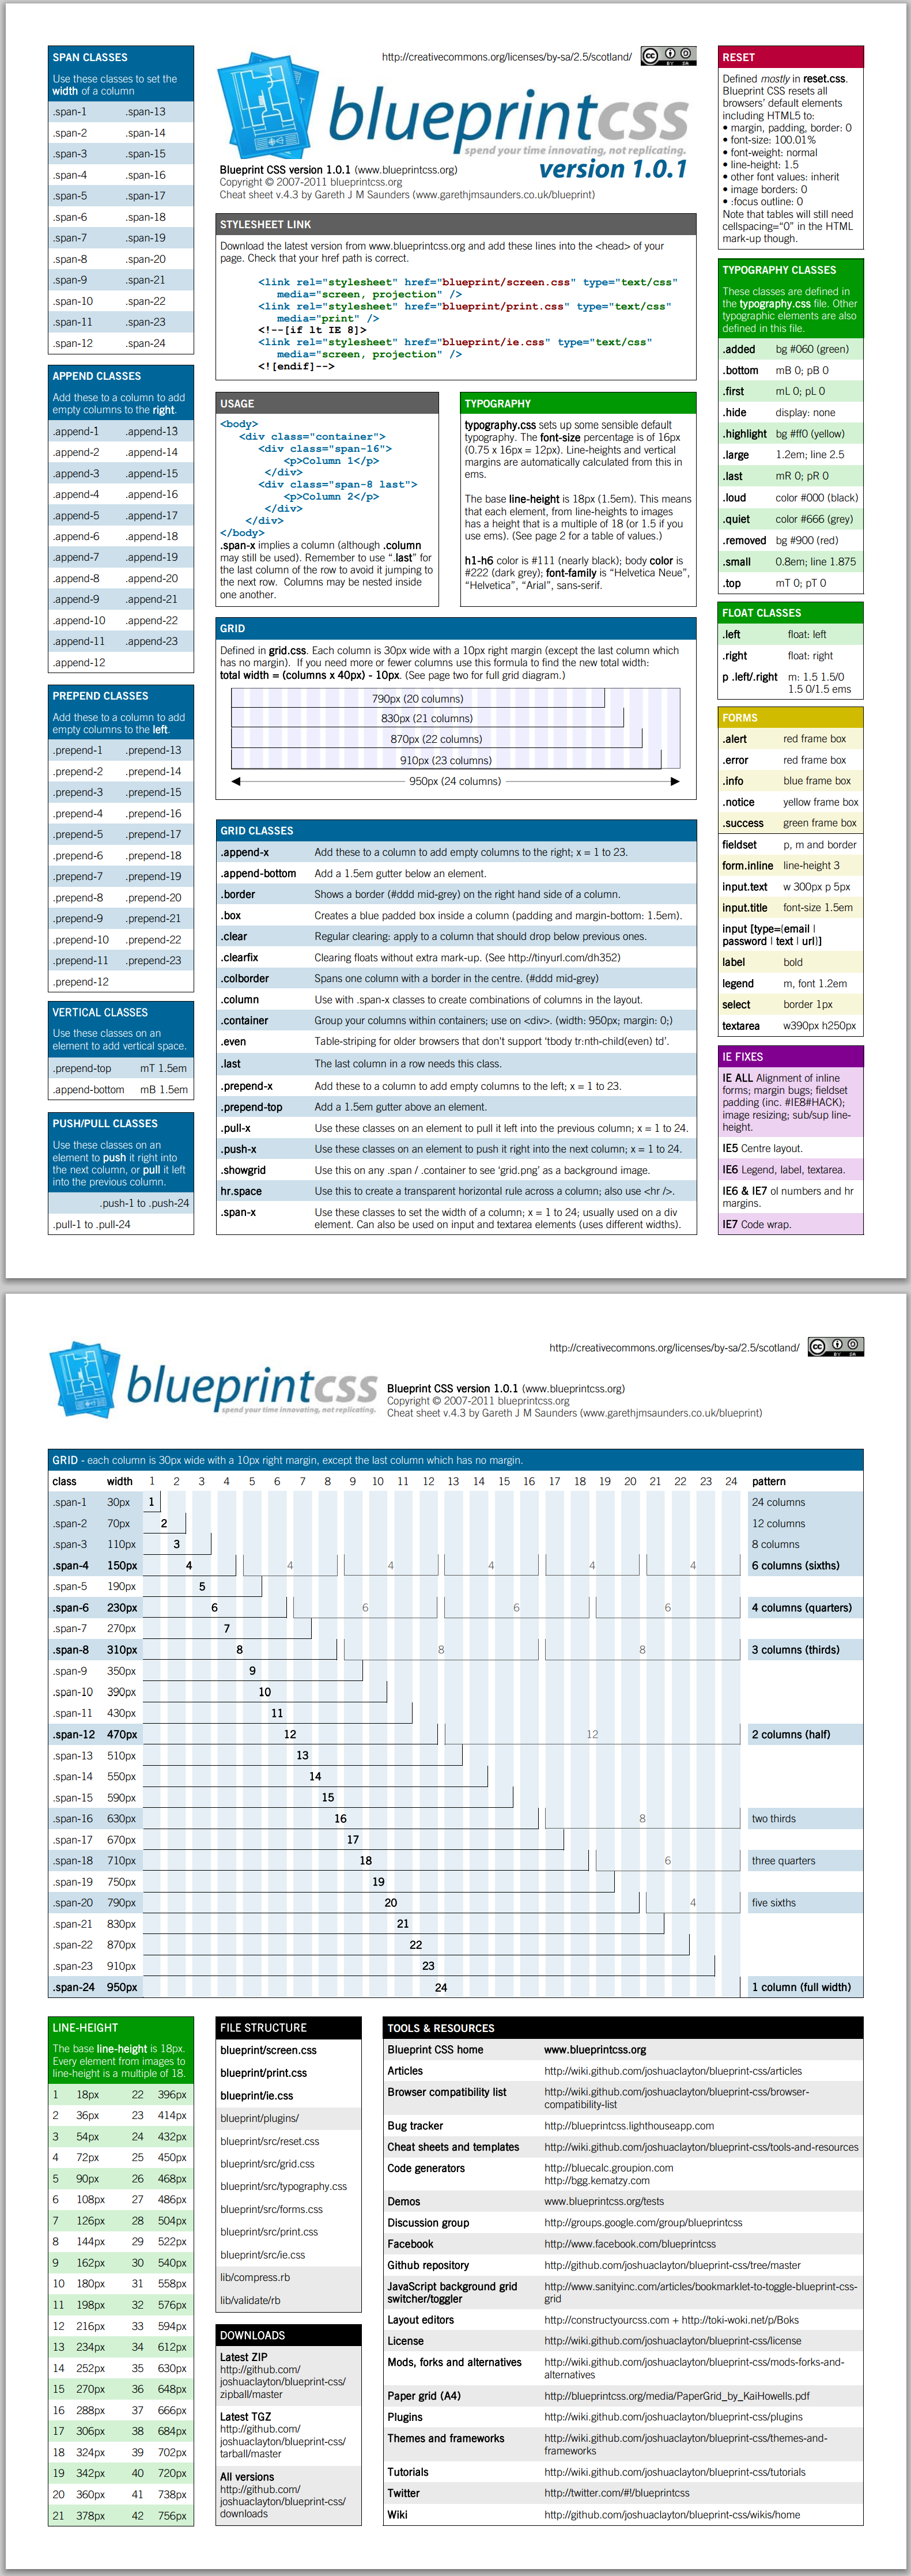 Blueprint css a css framework for web designers and developers css blueprint css a css framework for web designers and developers css mustread malvernweather Images